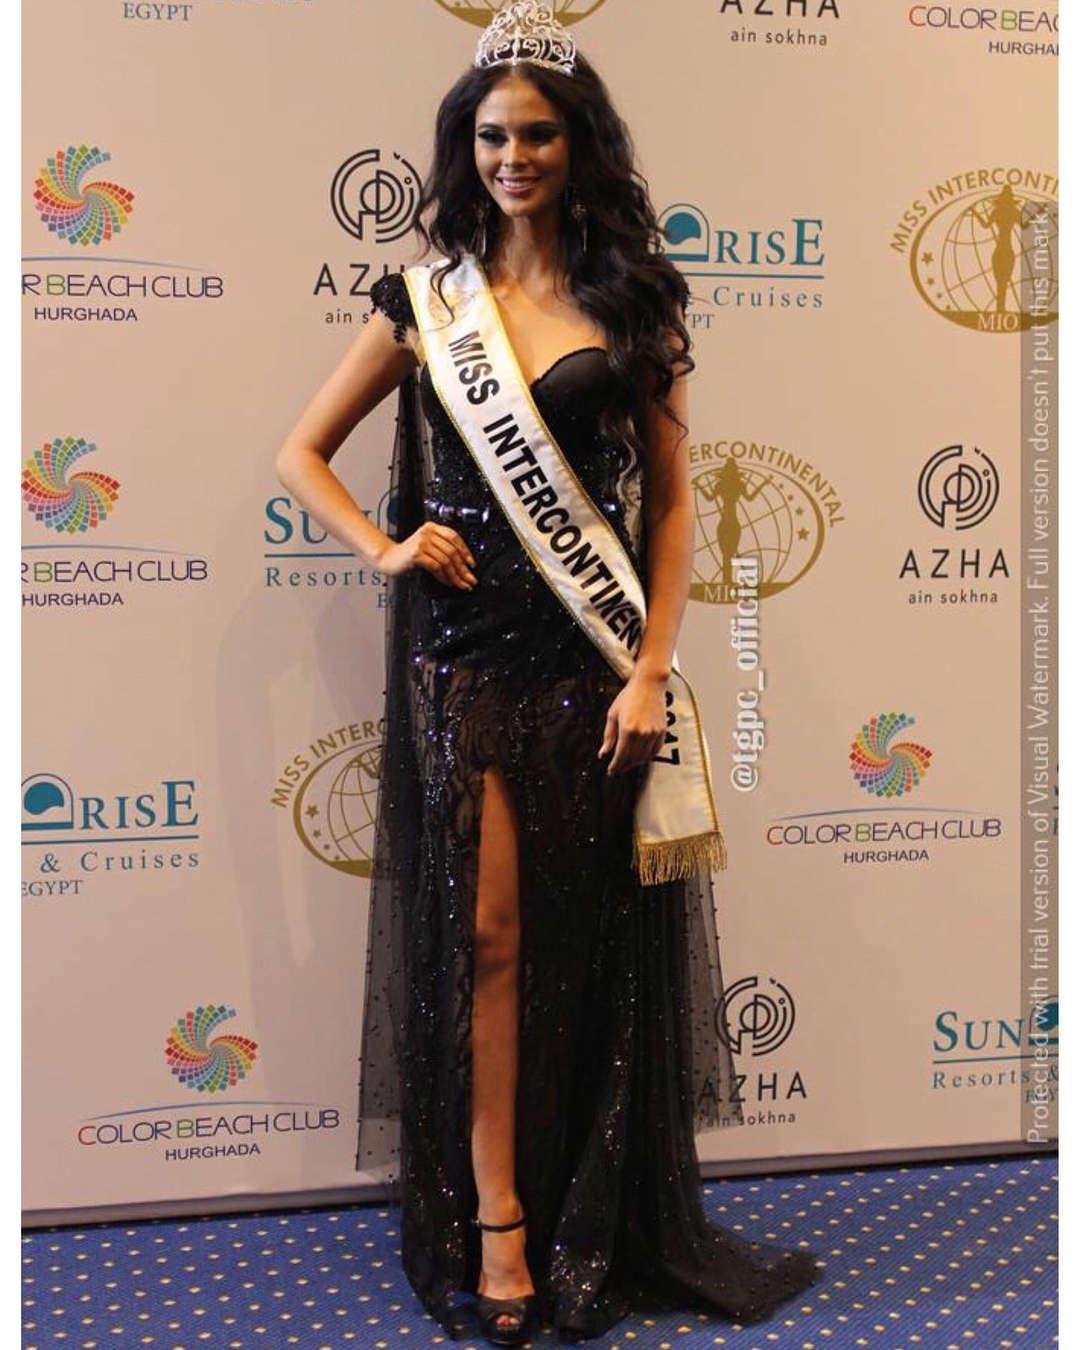 veronica salas, miss intercontinental 2017/top 20 de miss eco international 2017. - Página 17 26267710